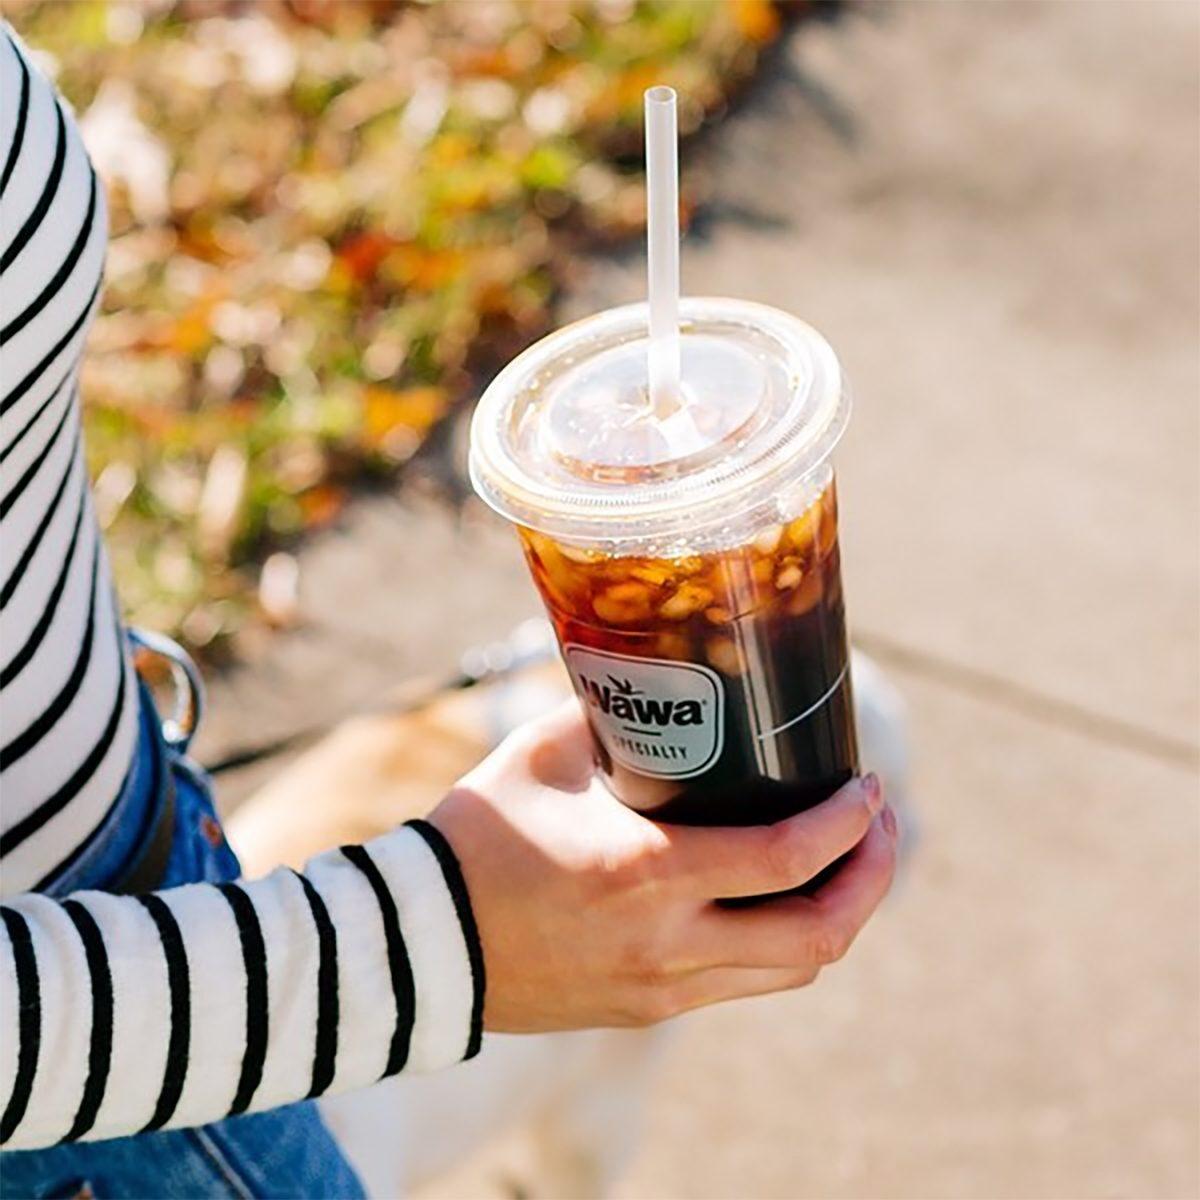 cold wawa coffee